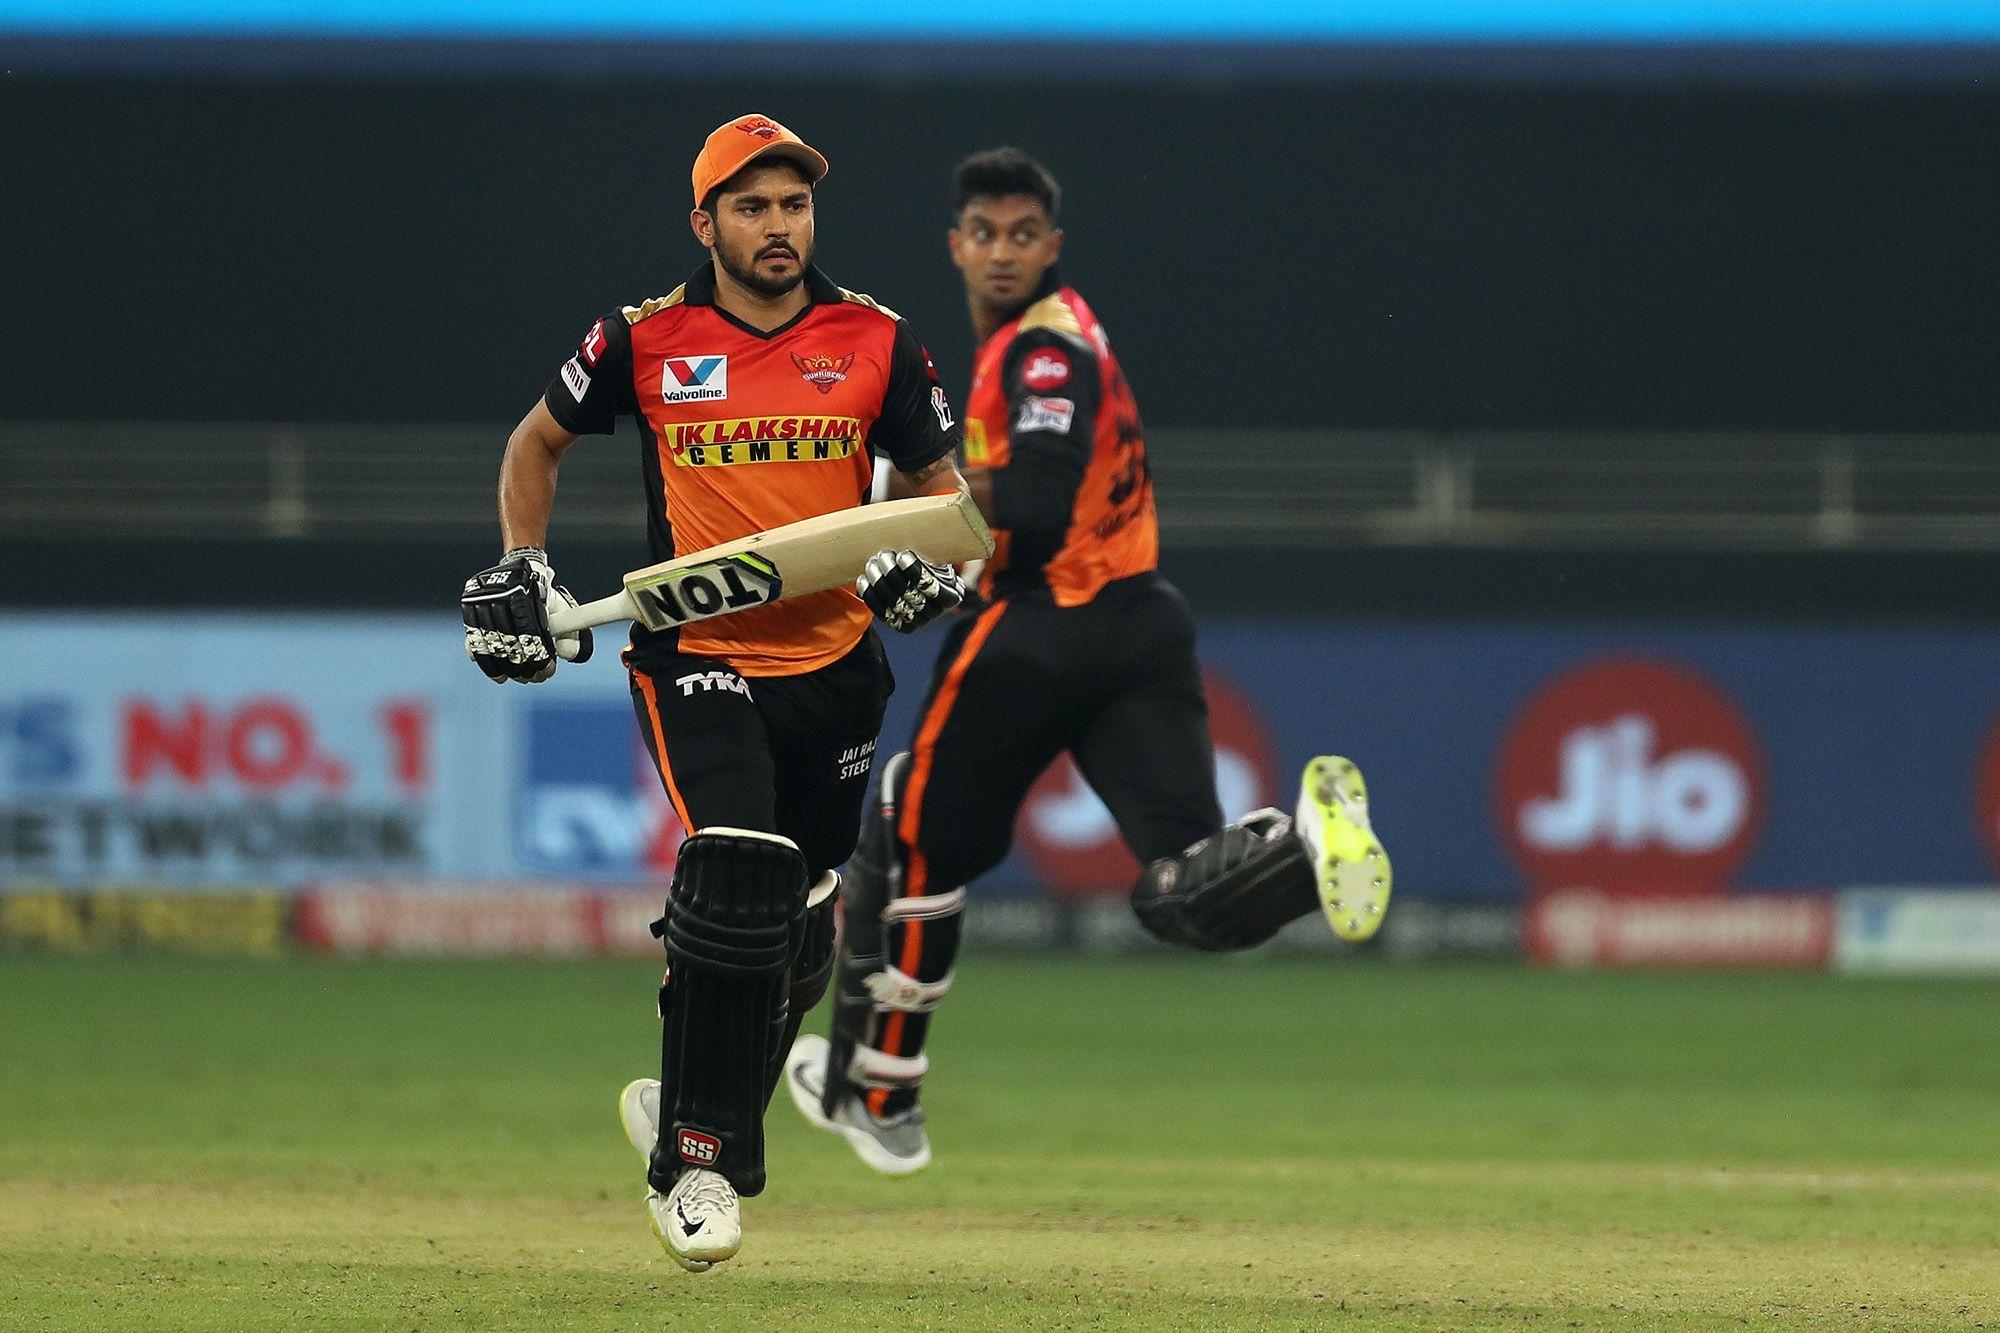 RRvsSRH: राजस्थान रॉयल्स और हैदराबाद के बीच हुए मैच के बाद कौन निकला ऑरेन्ज-पर्पल कैप की रेस में आगे? 2